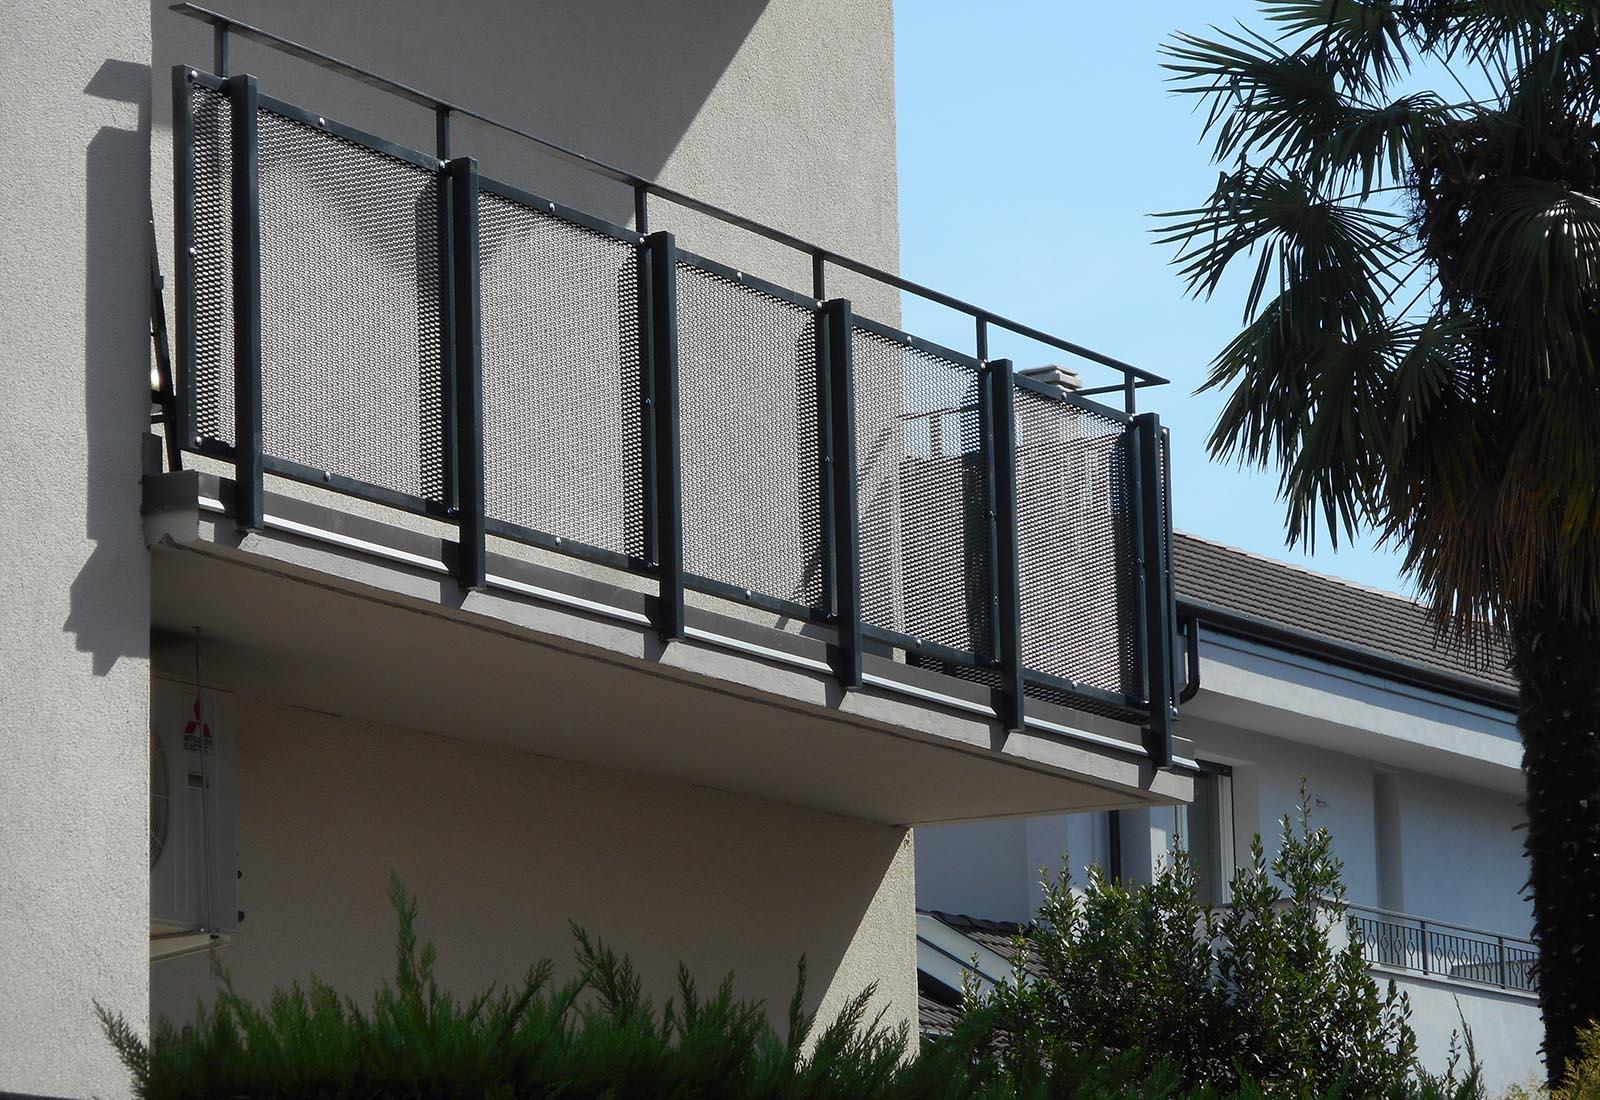 Casa a Rho in via Crocefisso - Dettaglio del balcone